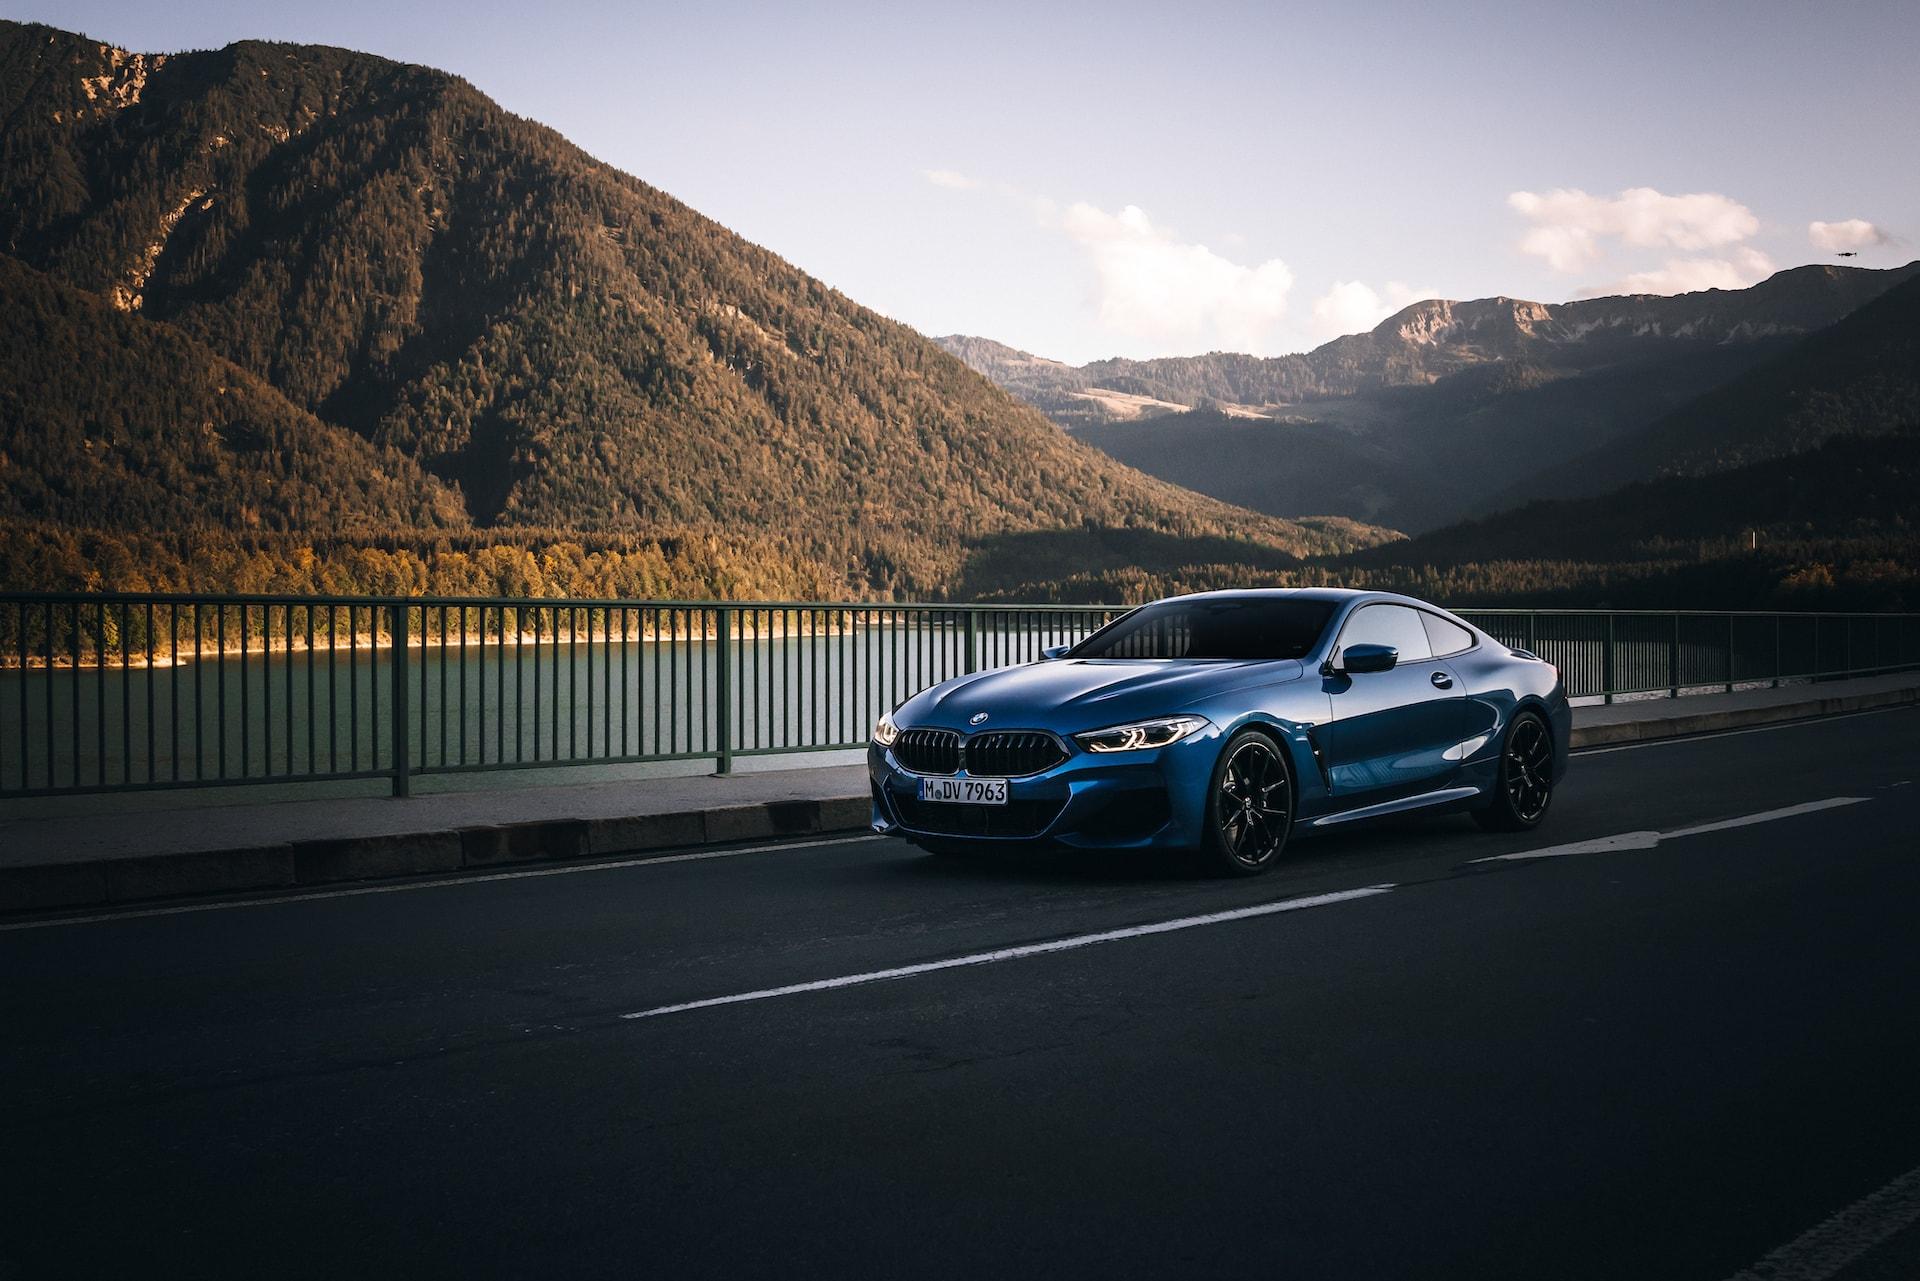 The Power of Choice: Für welches BMW Modell würdest du Dich entscheiden? 2